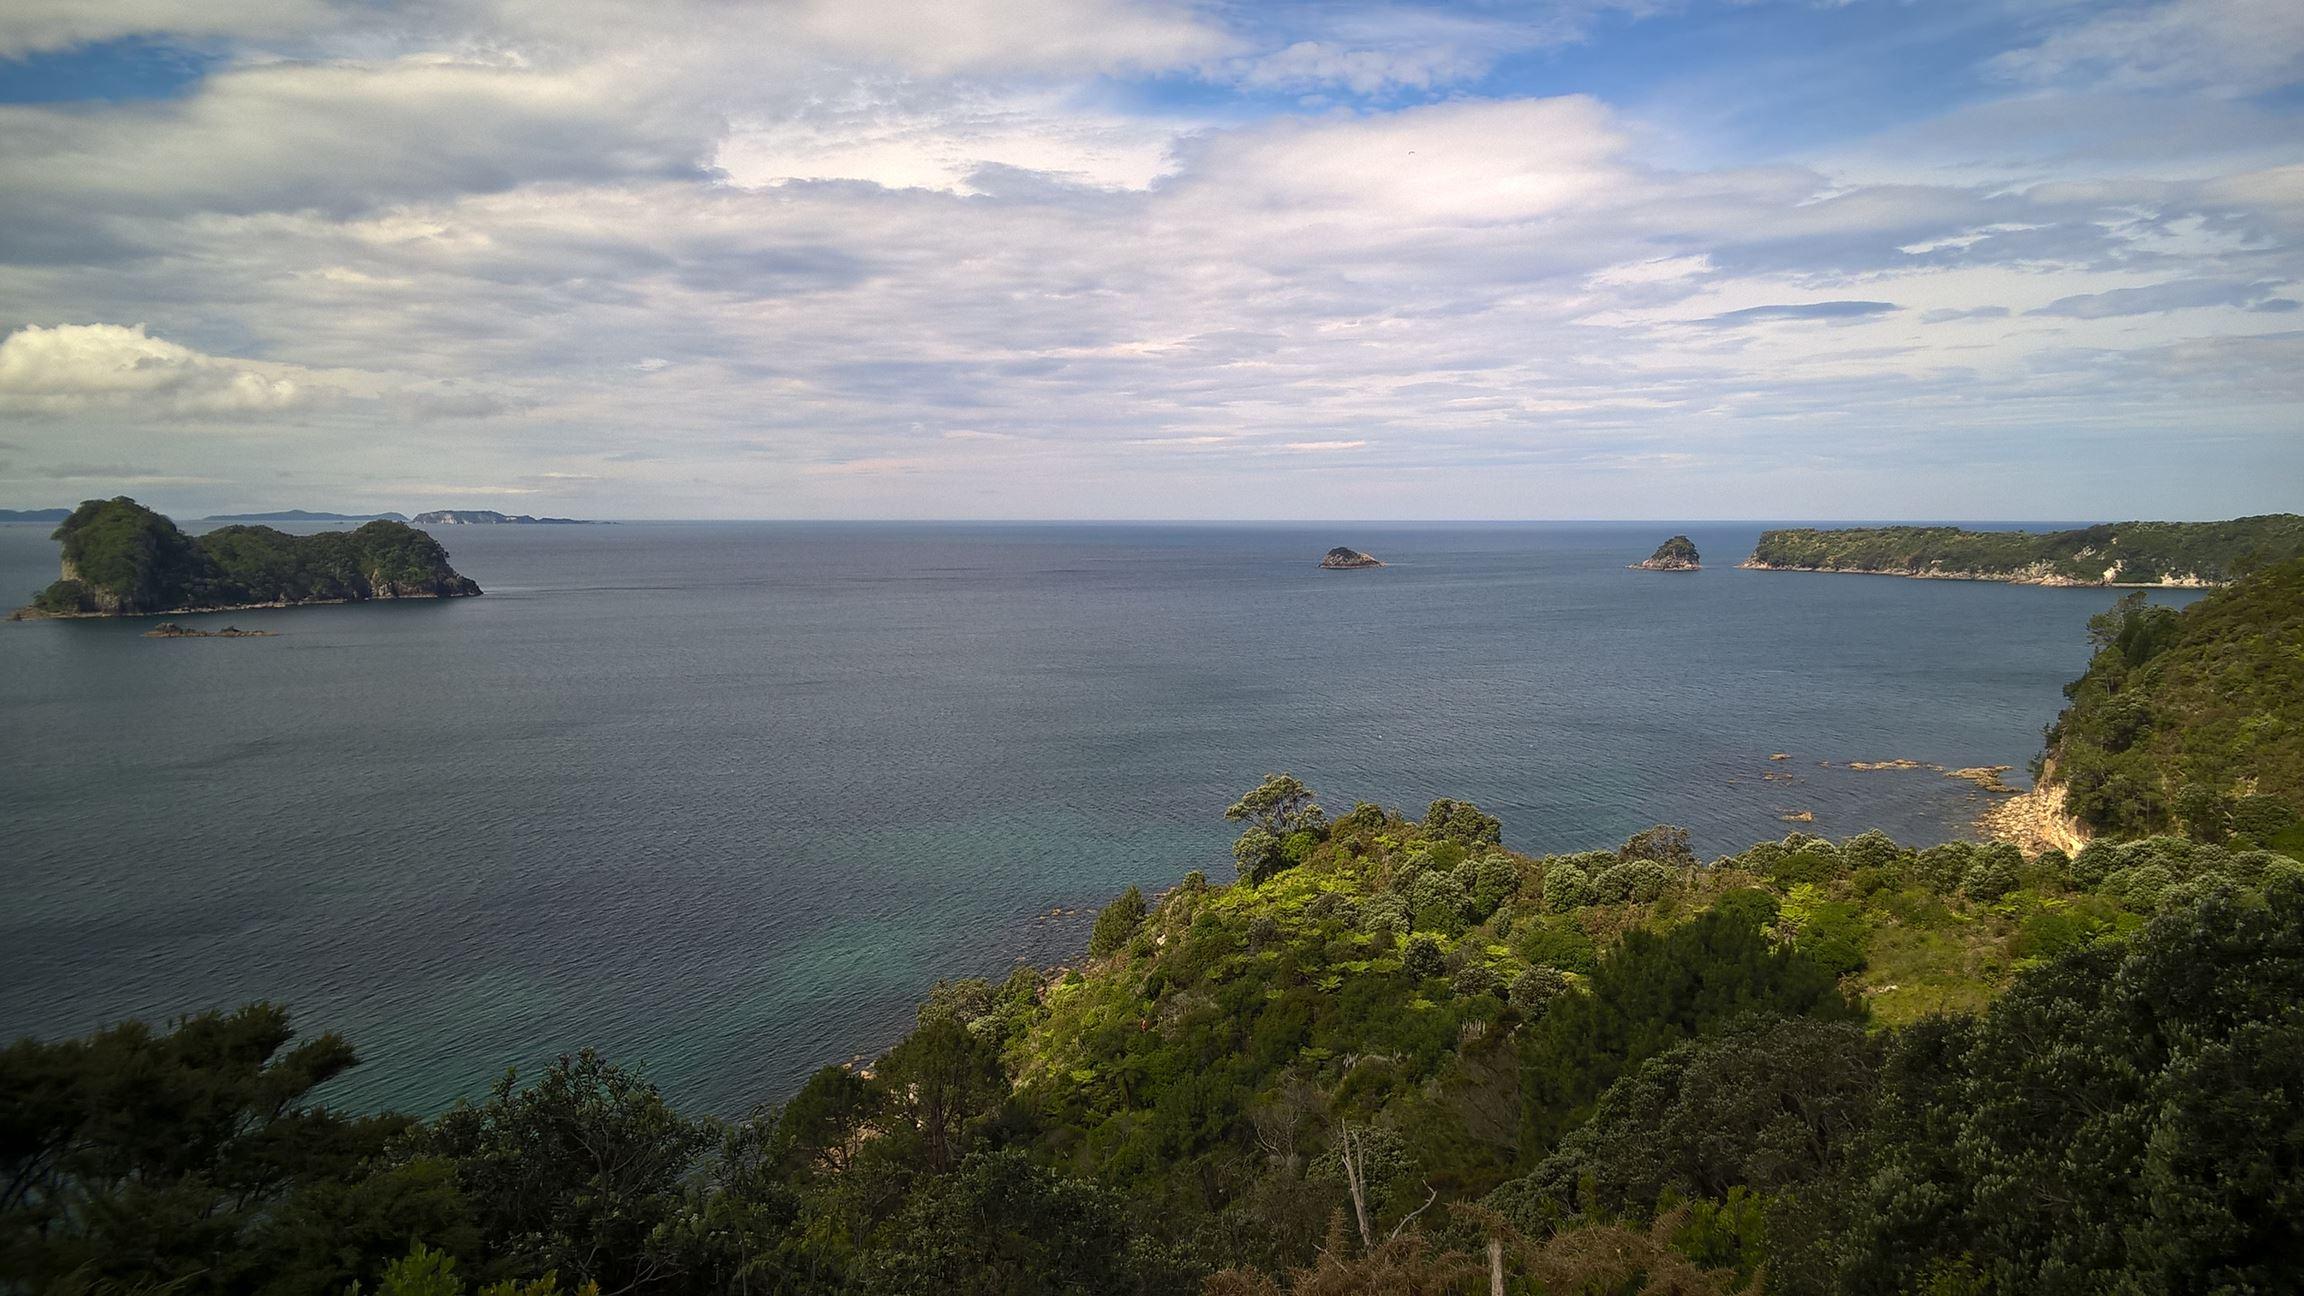 Zurück bei der Cathedral Cove...